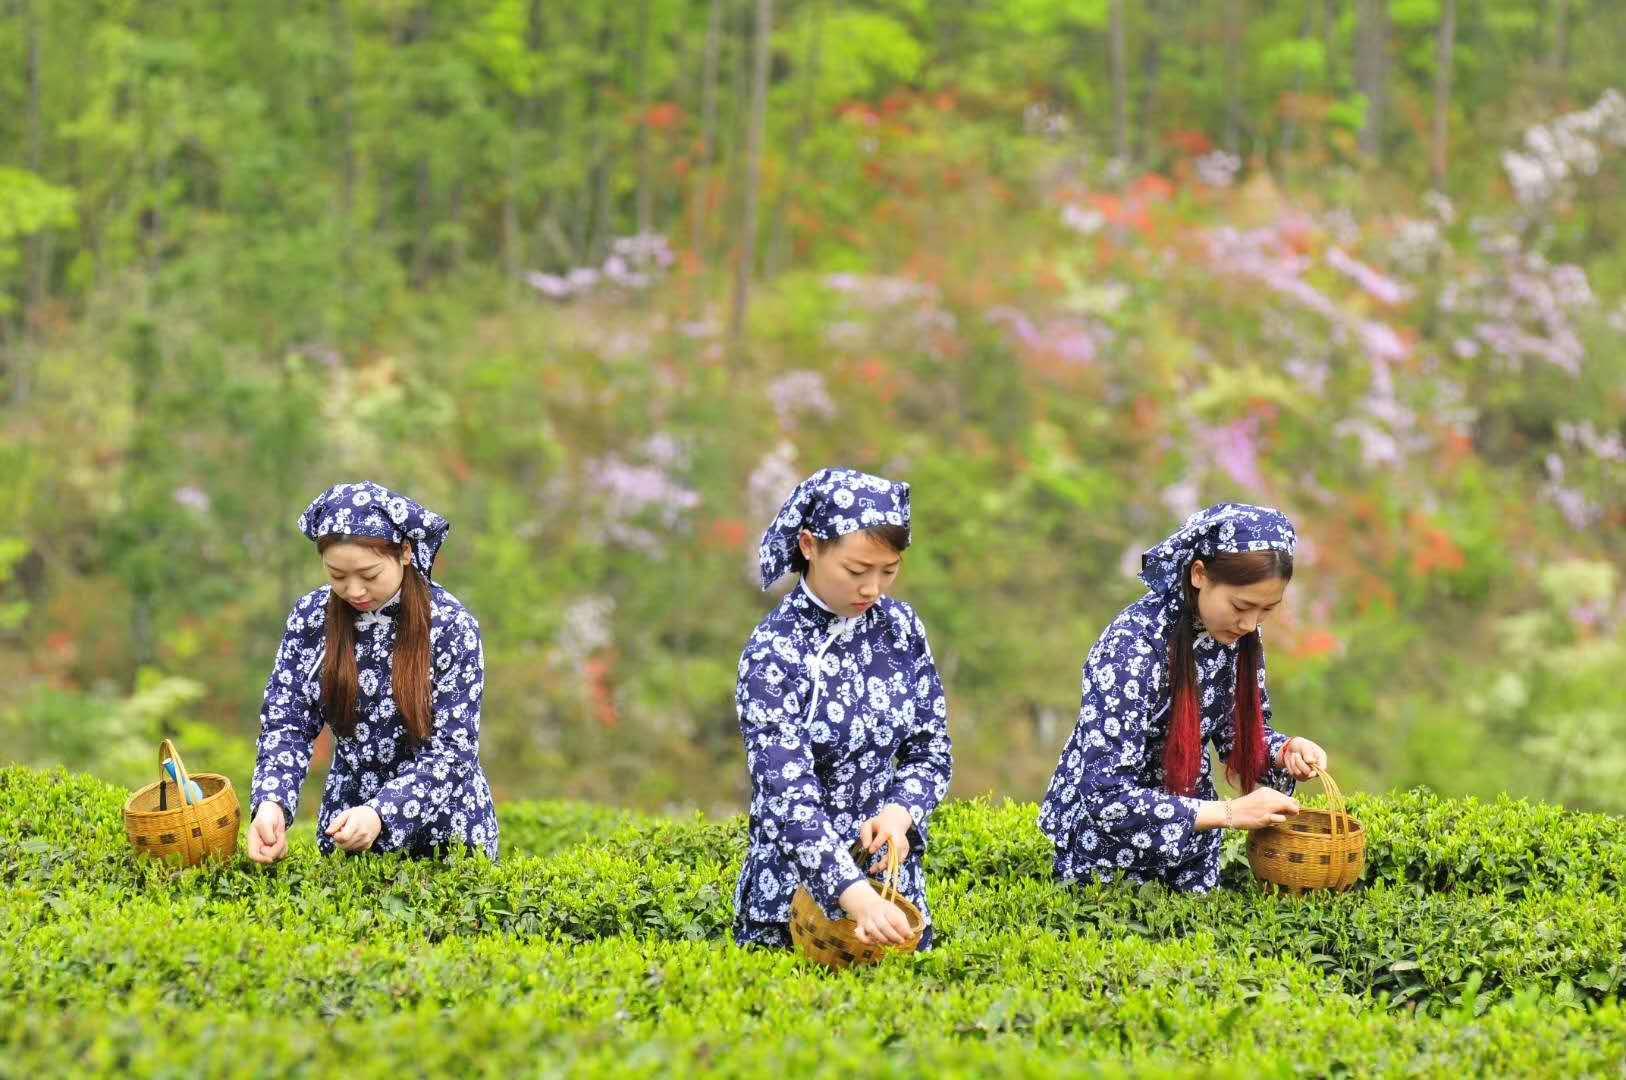 消费者眼中的赤壁青砖茶——赤壁青砖茶产业发展调研报告..